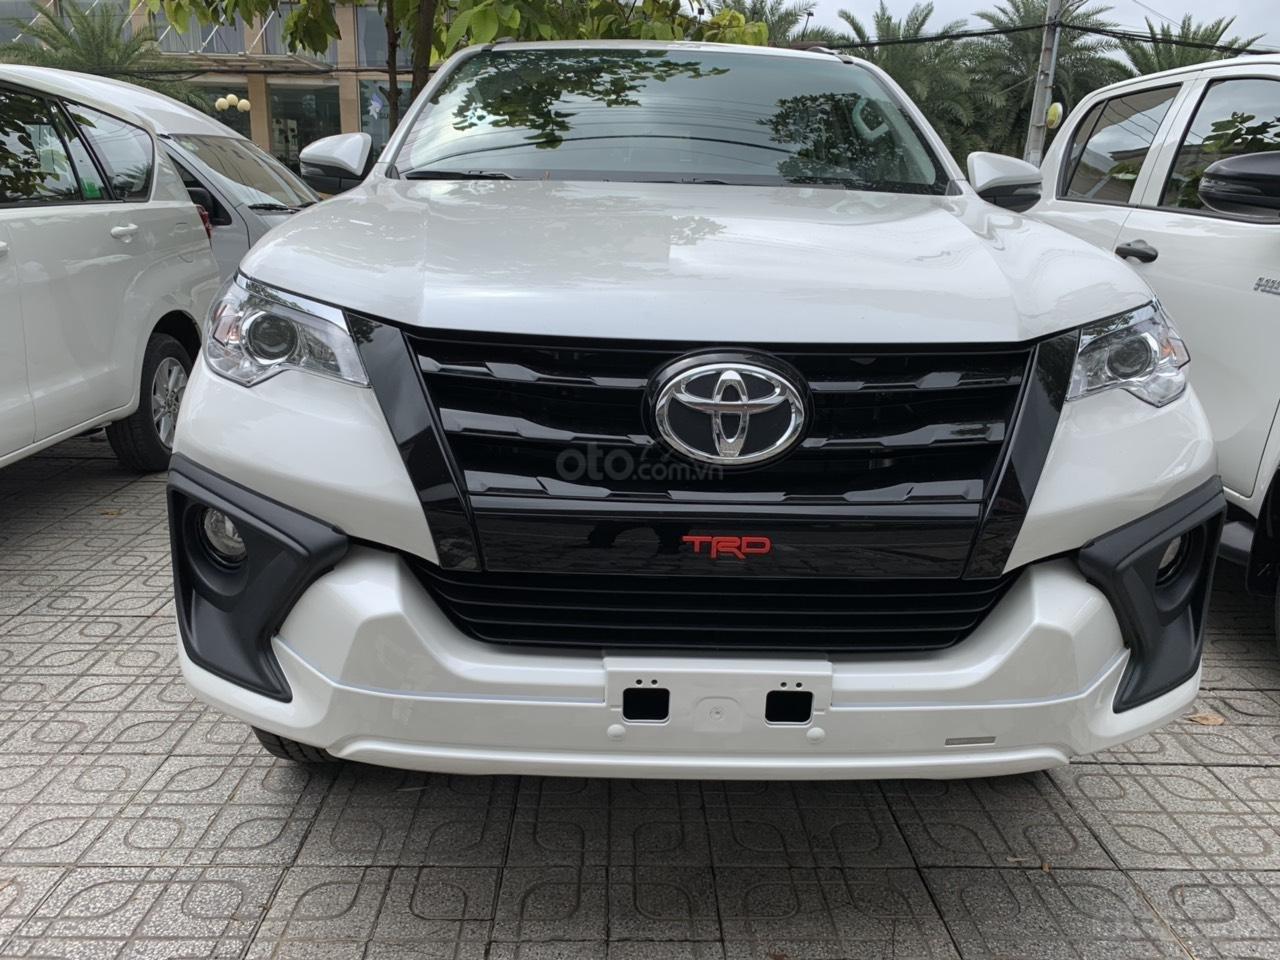 Bán trả góp xe Toyota Fortuner TRD 2019 màu trắng tại Toyota Tây Ninh (1)